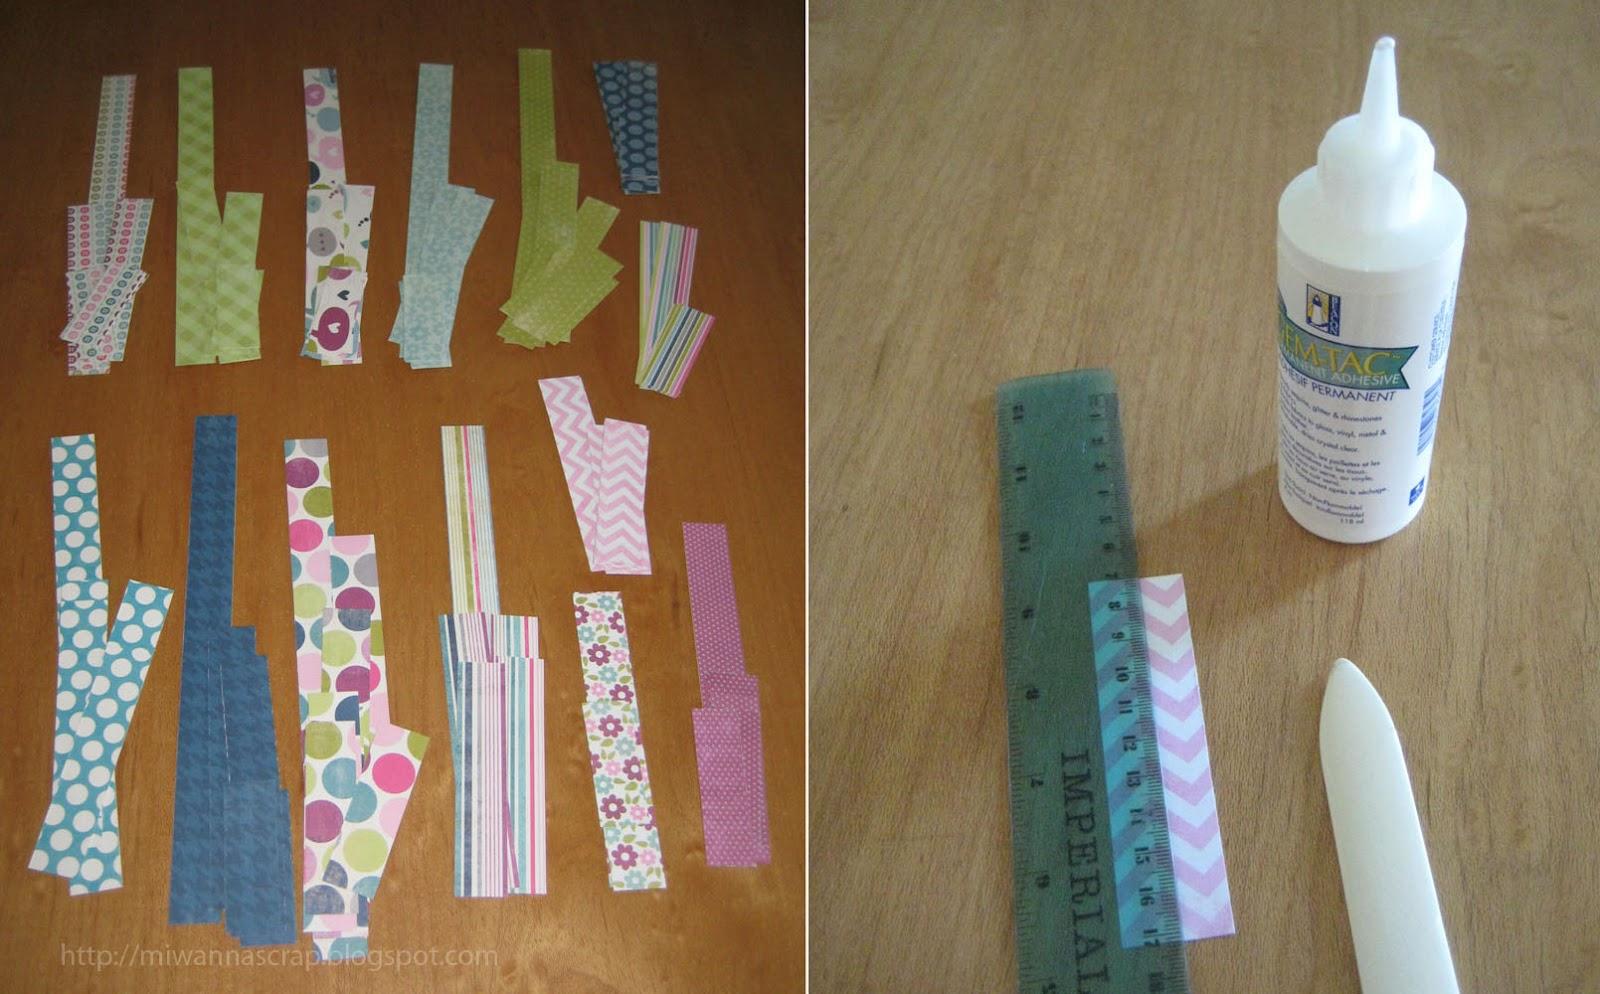 http://4.bp.blogspot.com/-iGHyWwUIlLE/UFCvpDVU4uI/AAAAAAAABzM/AF6-FeVUVFU/s1600/Step+1+-+Cutting+the+Paper+Strips.jpg